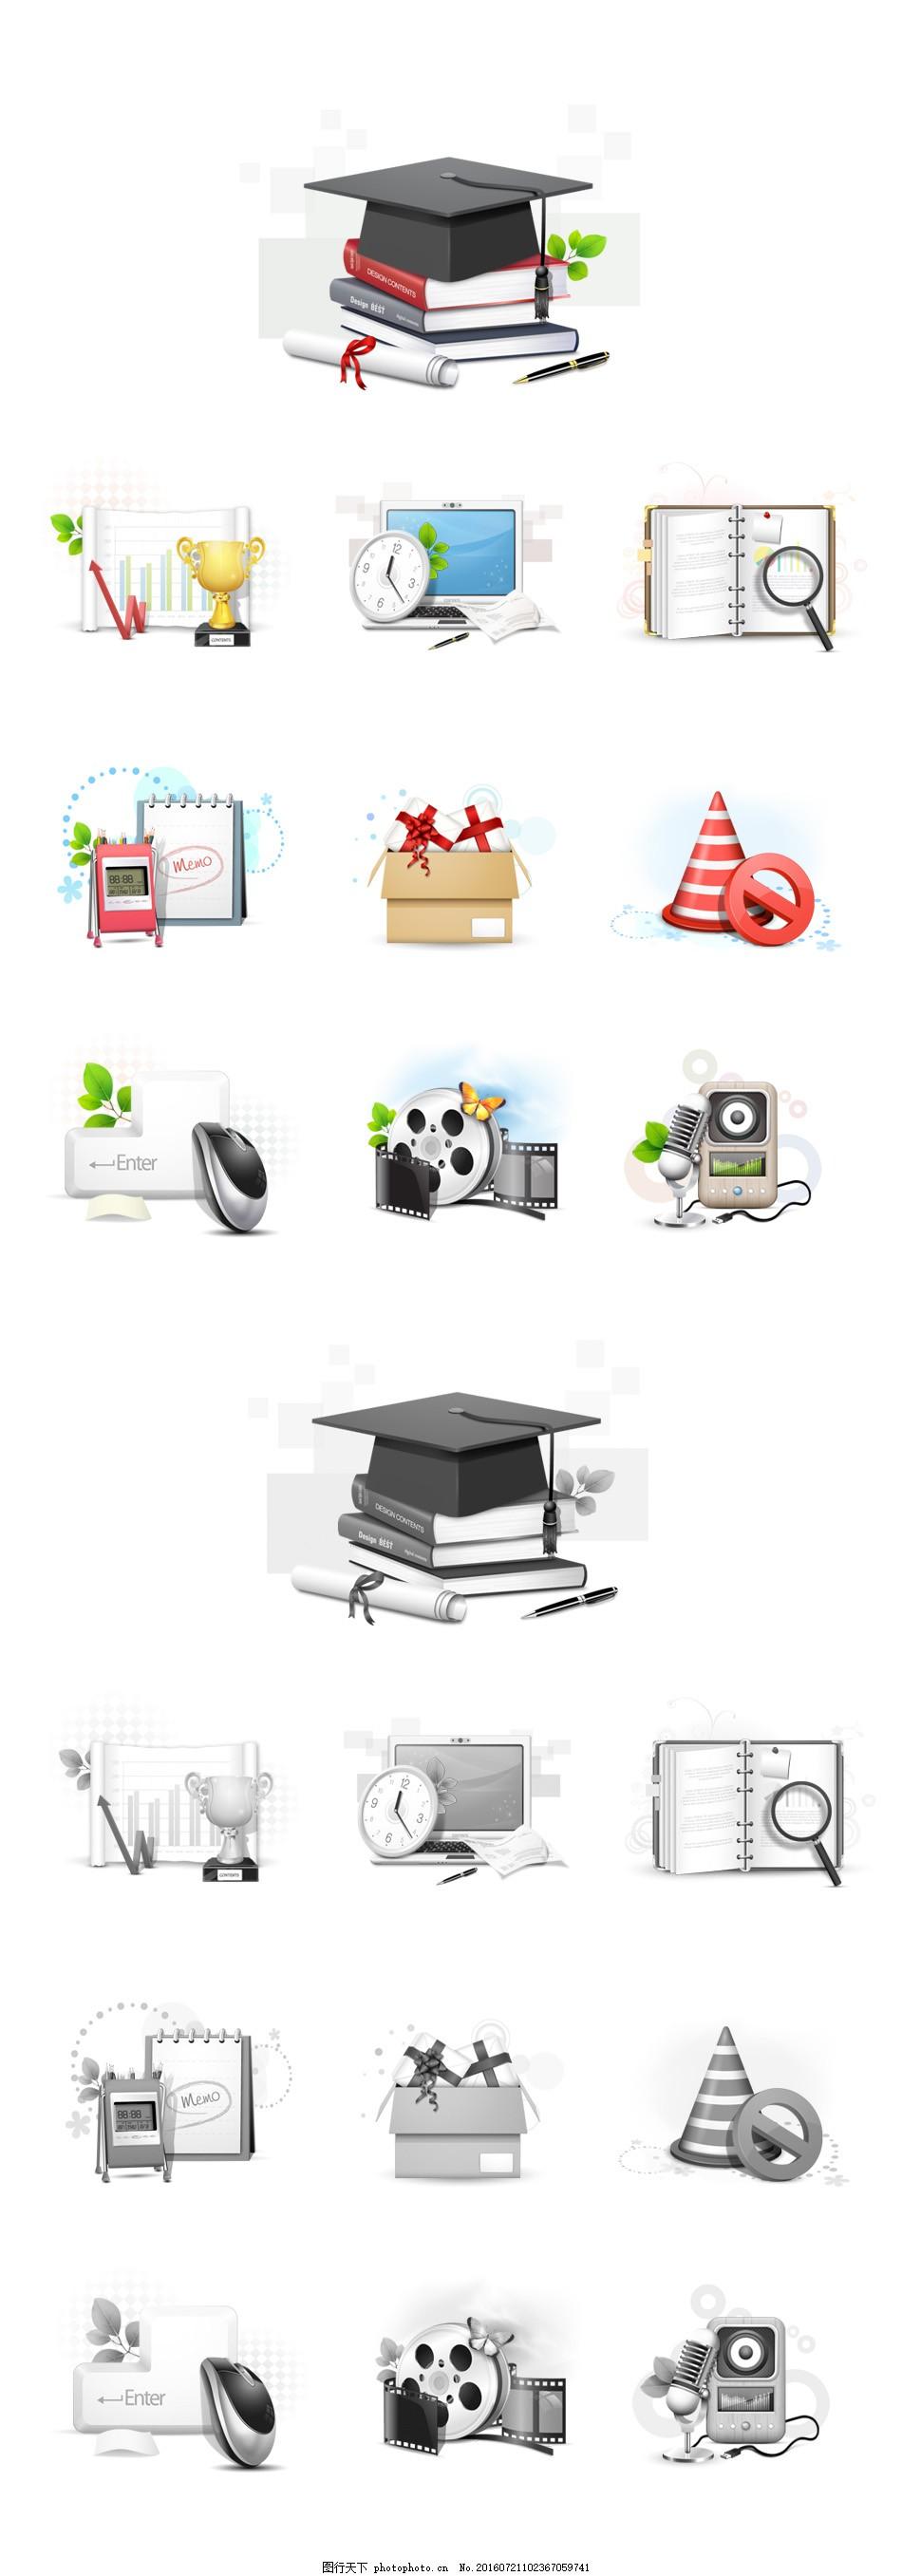 创意网页标志 网页图标 图标 标志 psd素材 网页素材 图案 扁平化图标